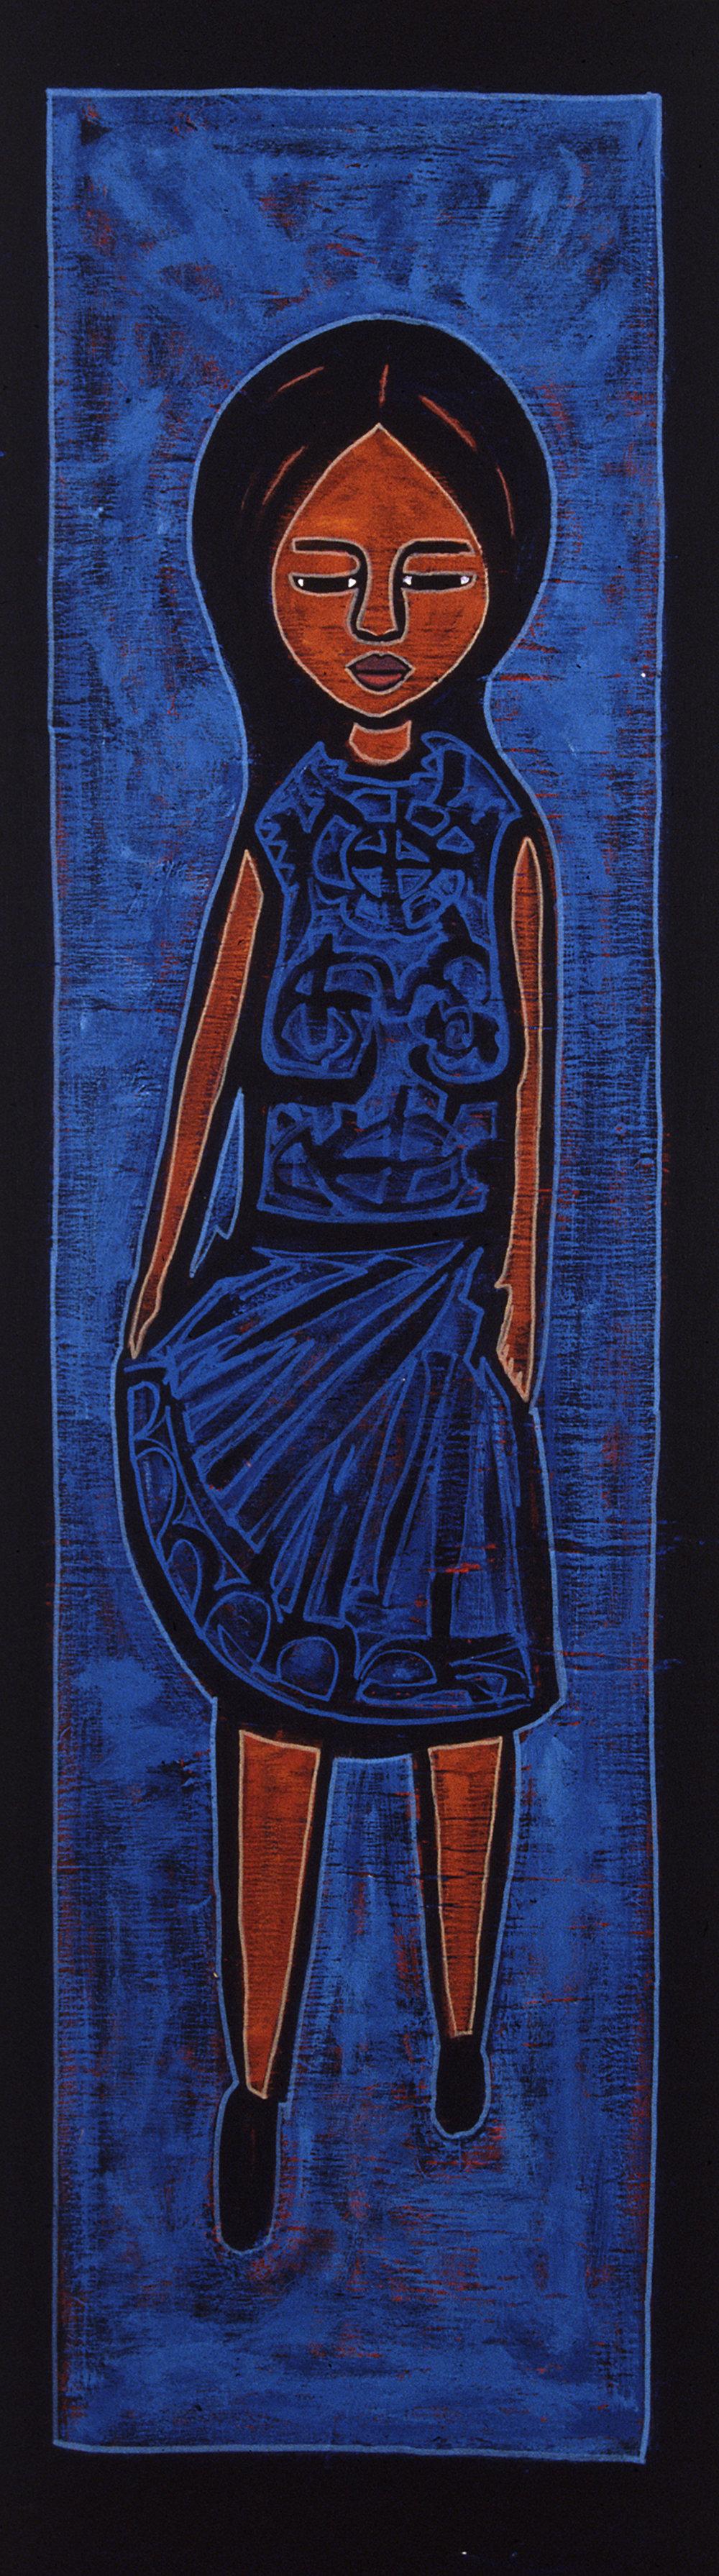 blue dancer